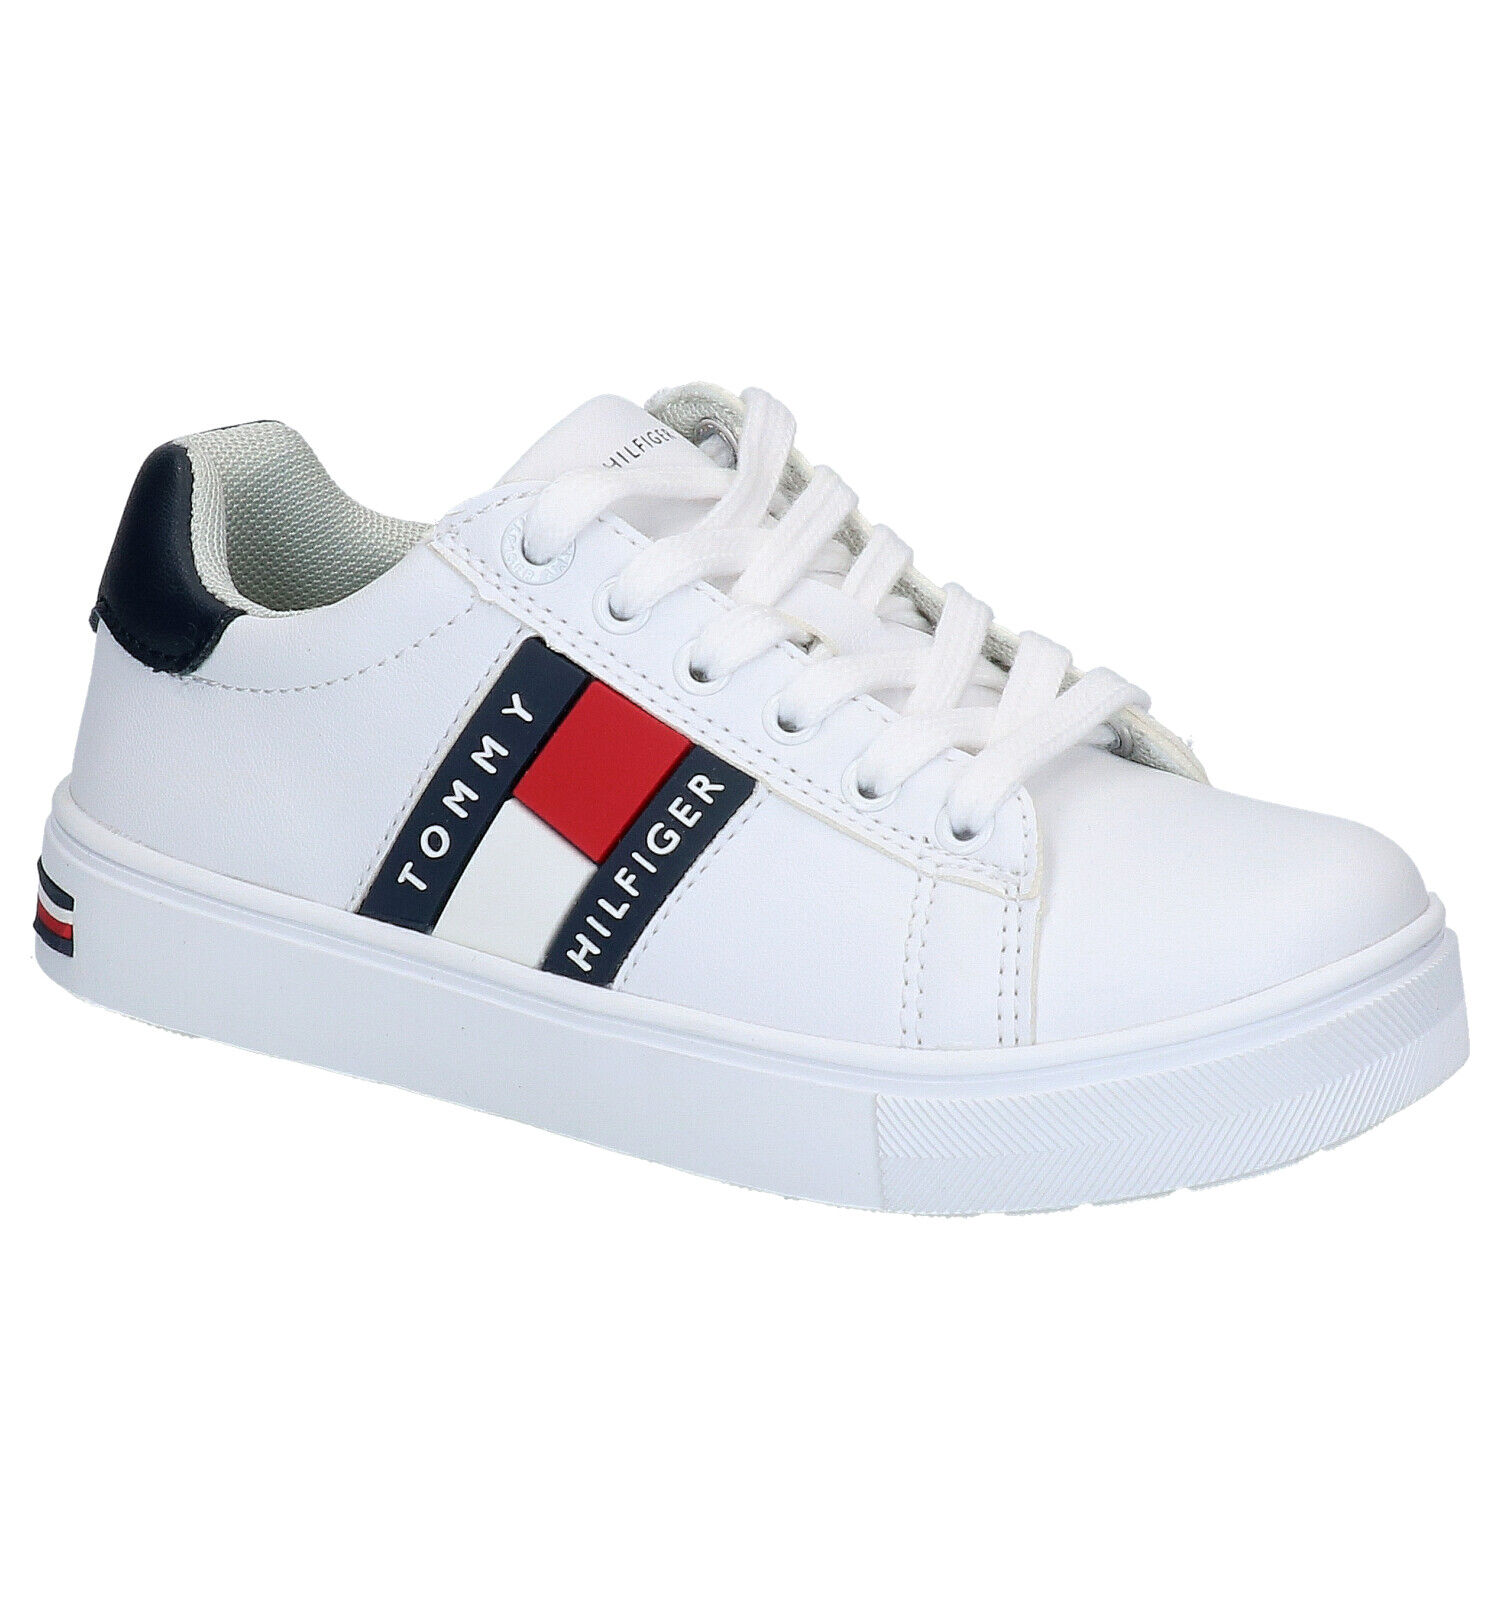 Lage schoenen voor Jongens | SCHOENENTORFS.NL | Gratis